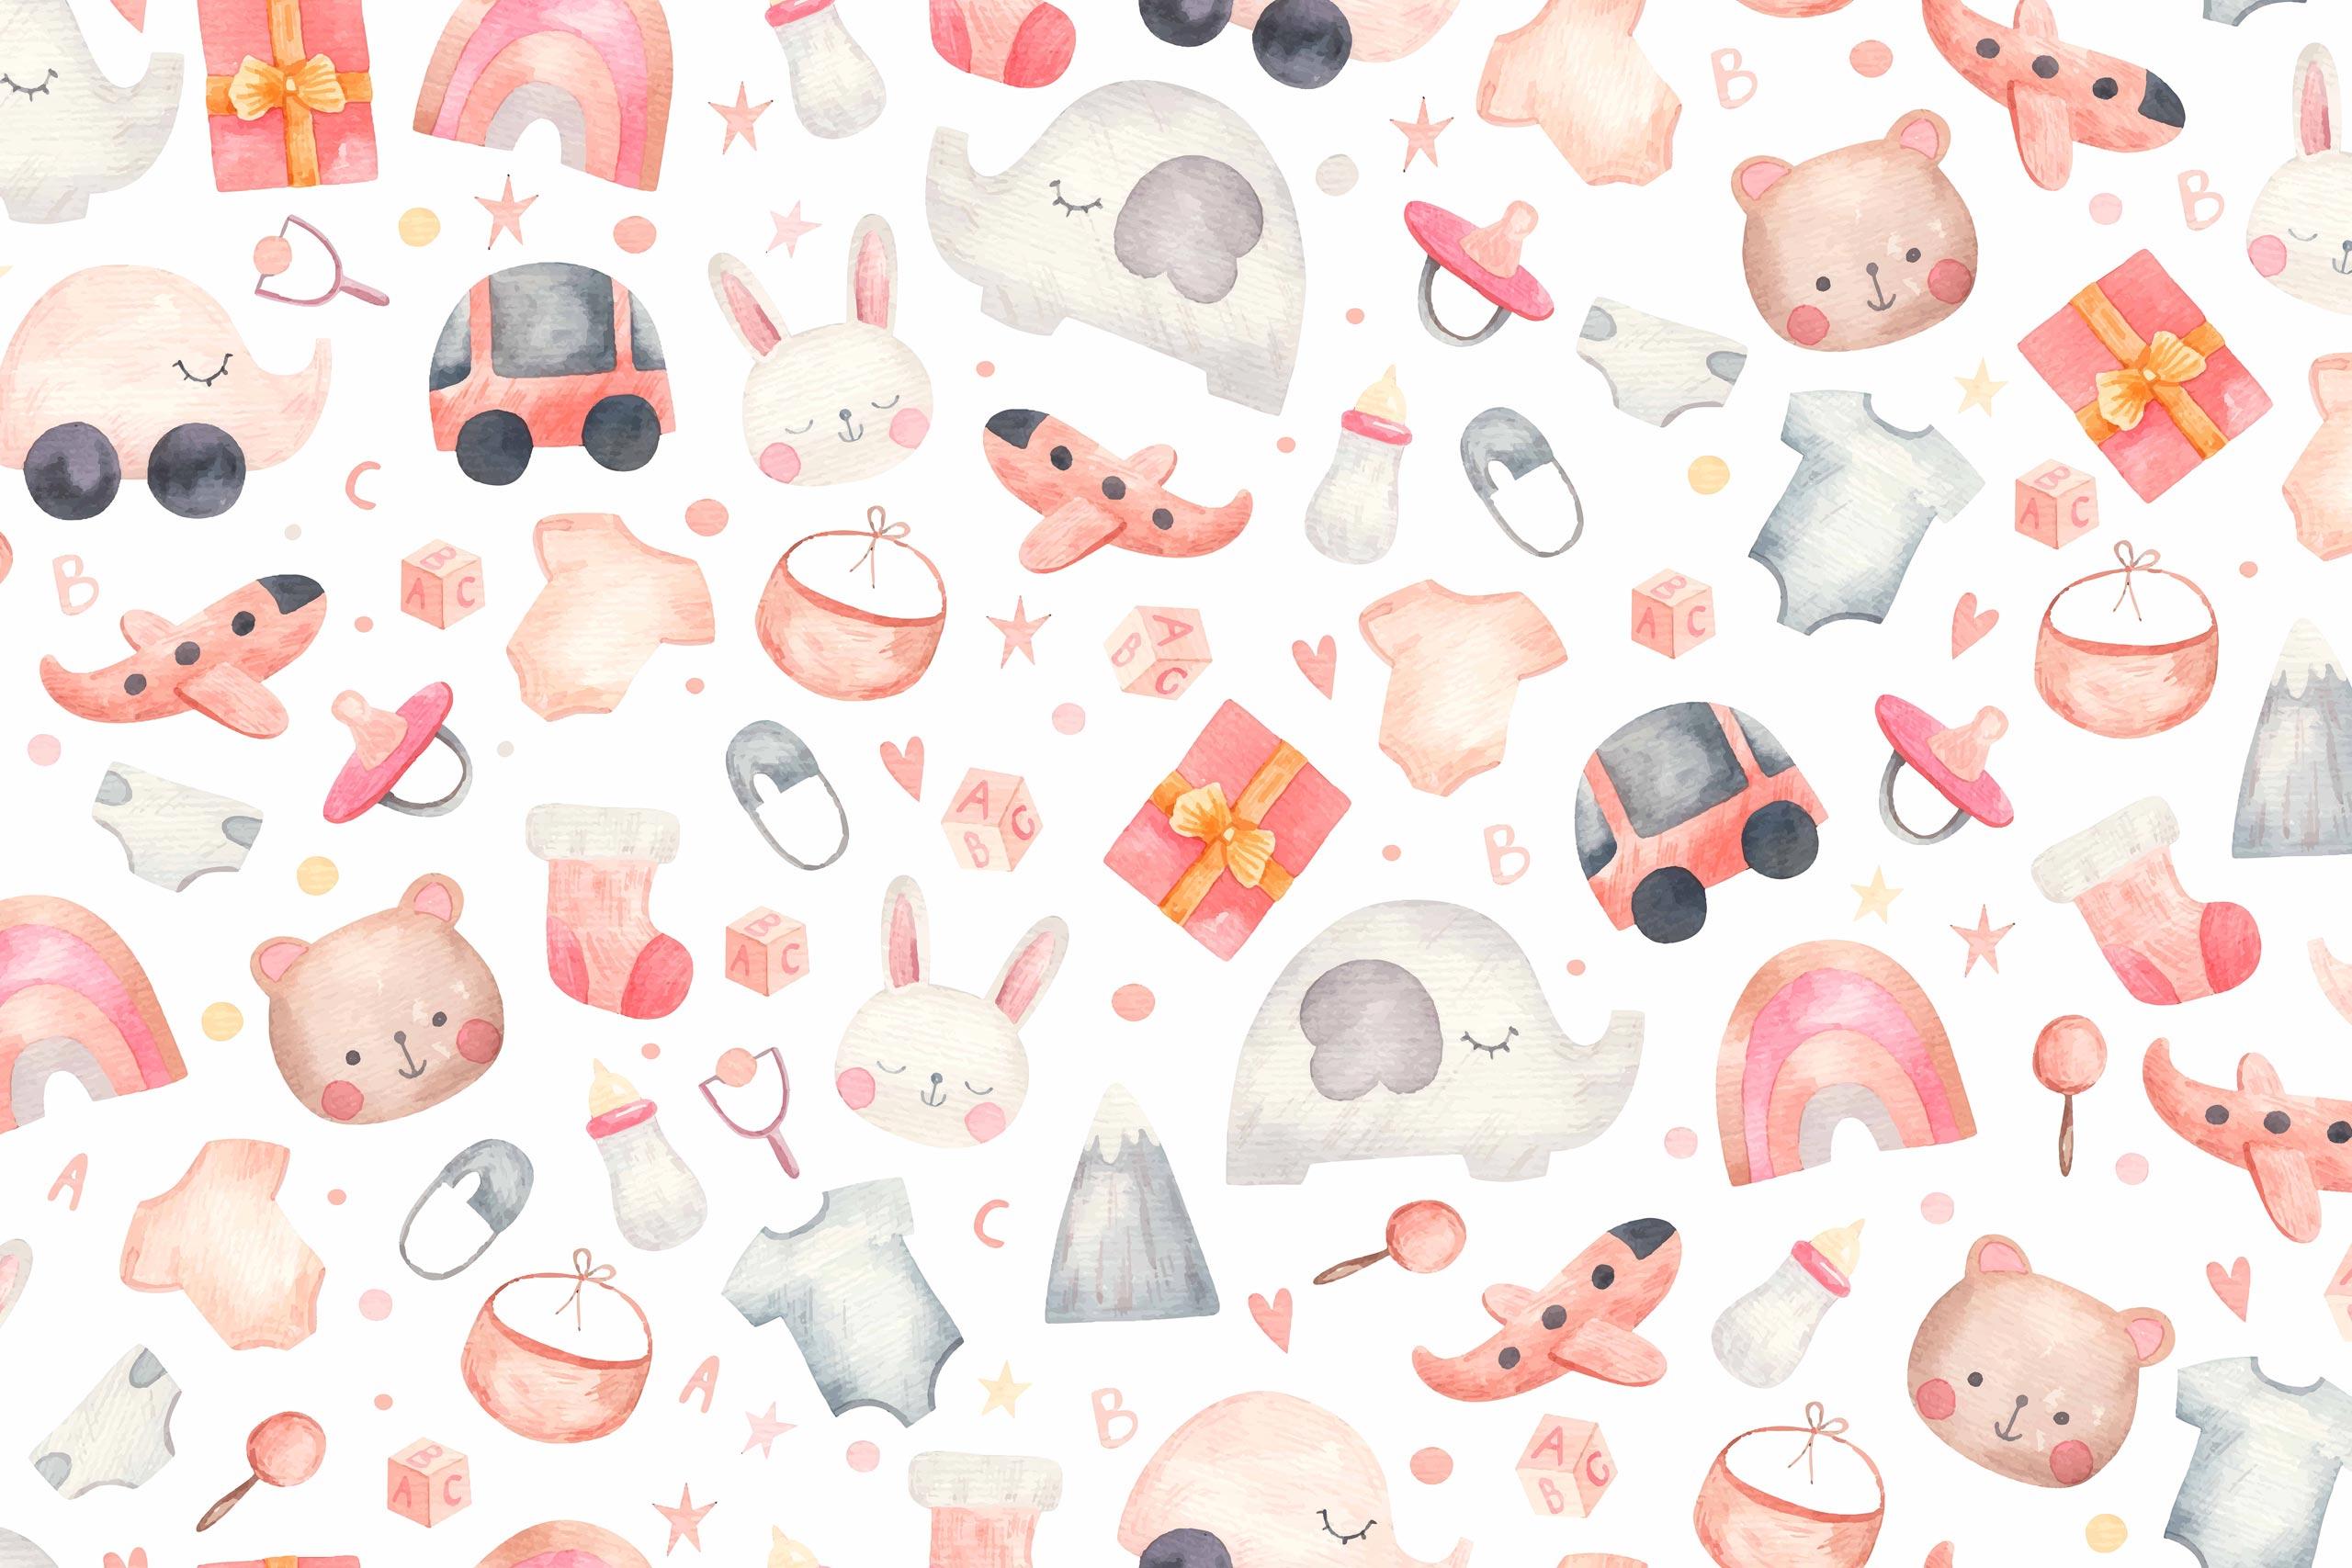 Детский фон с розовыми рисунками игрушек и зверей.